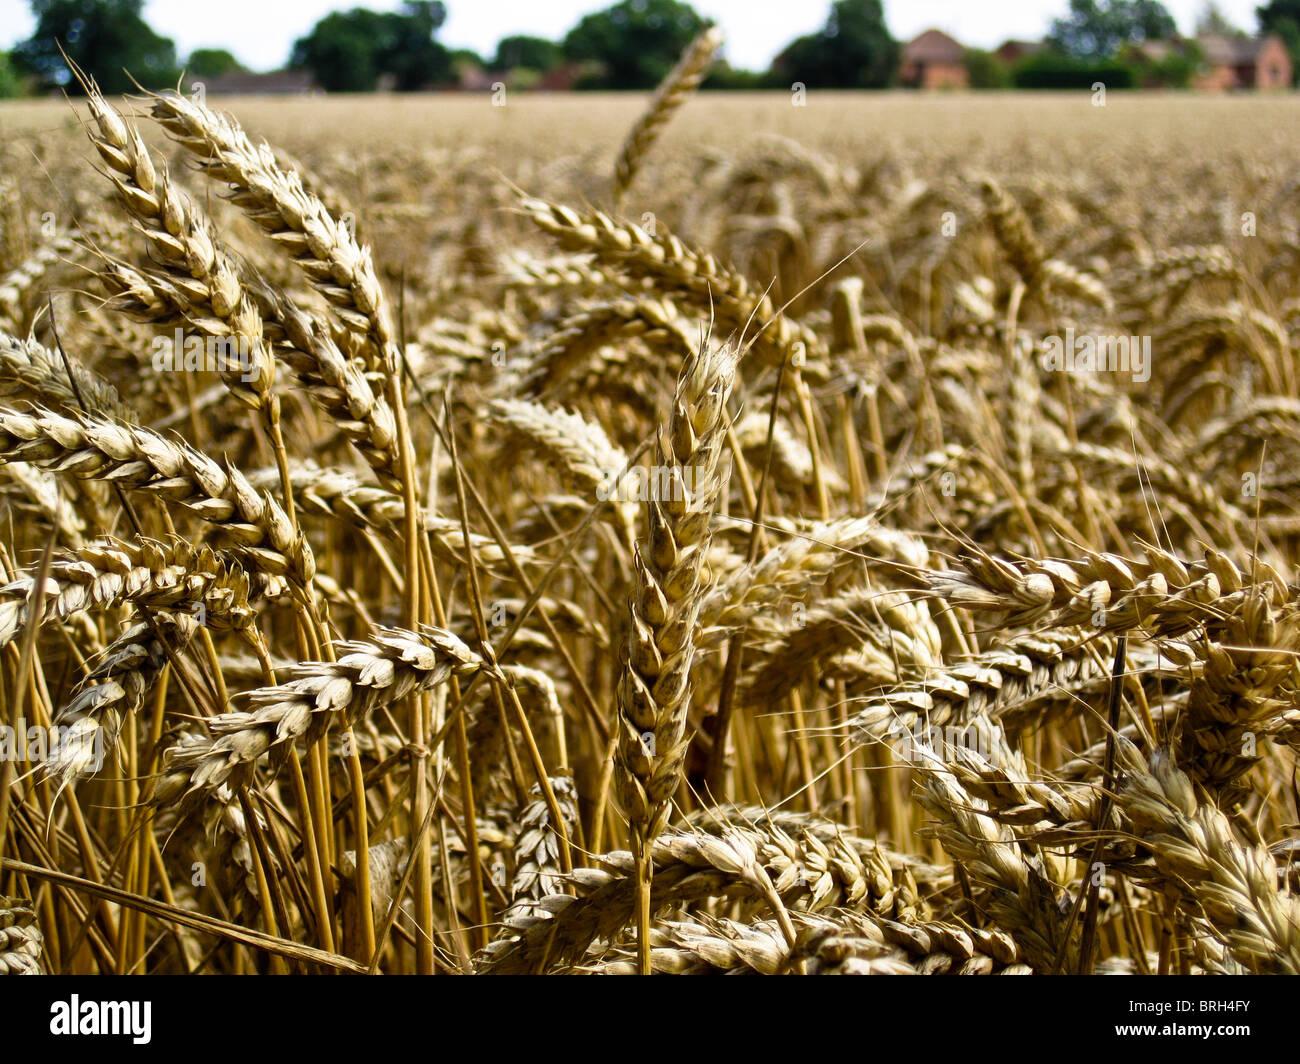 De nombreux chefs de maïs dans le champ prêt pour la récolte Photo Stock